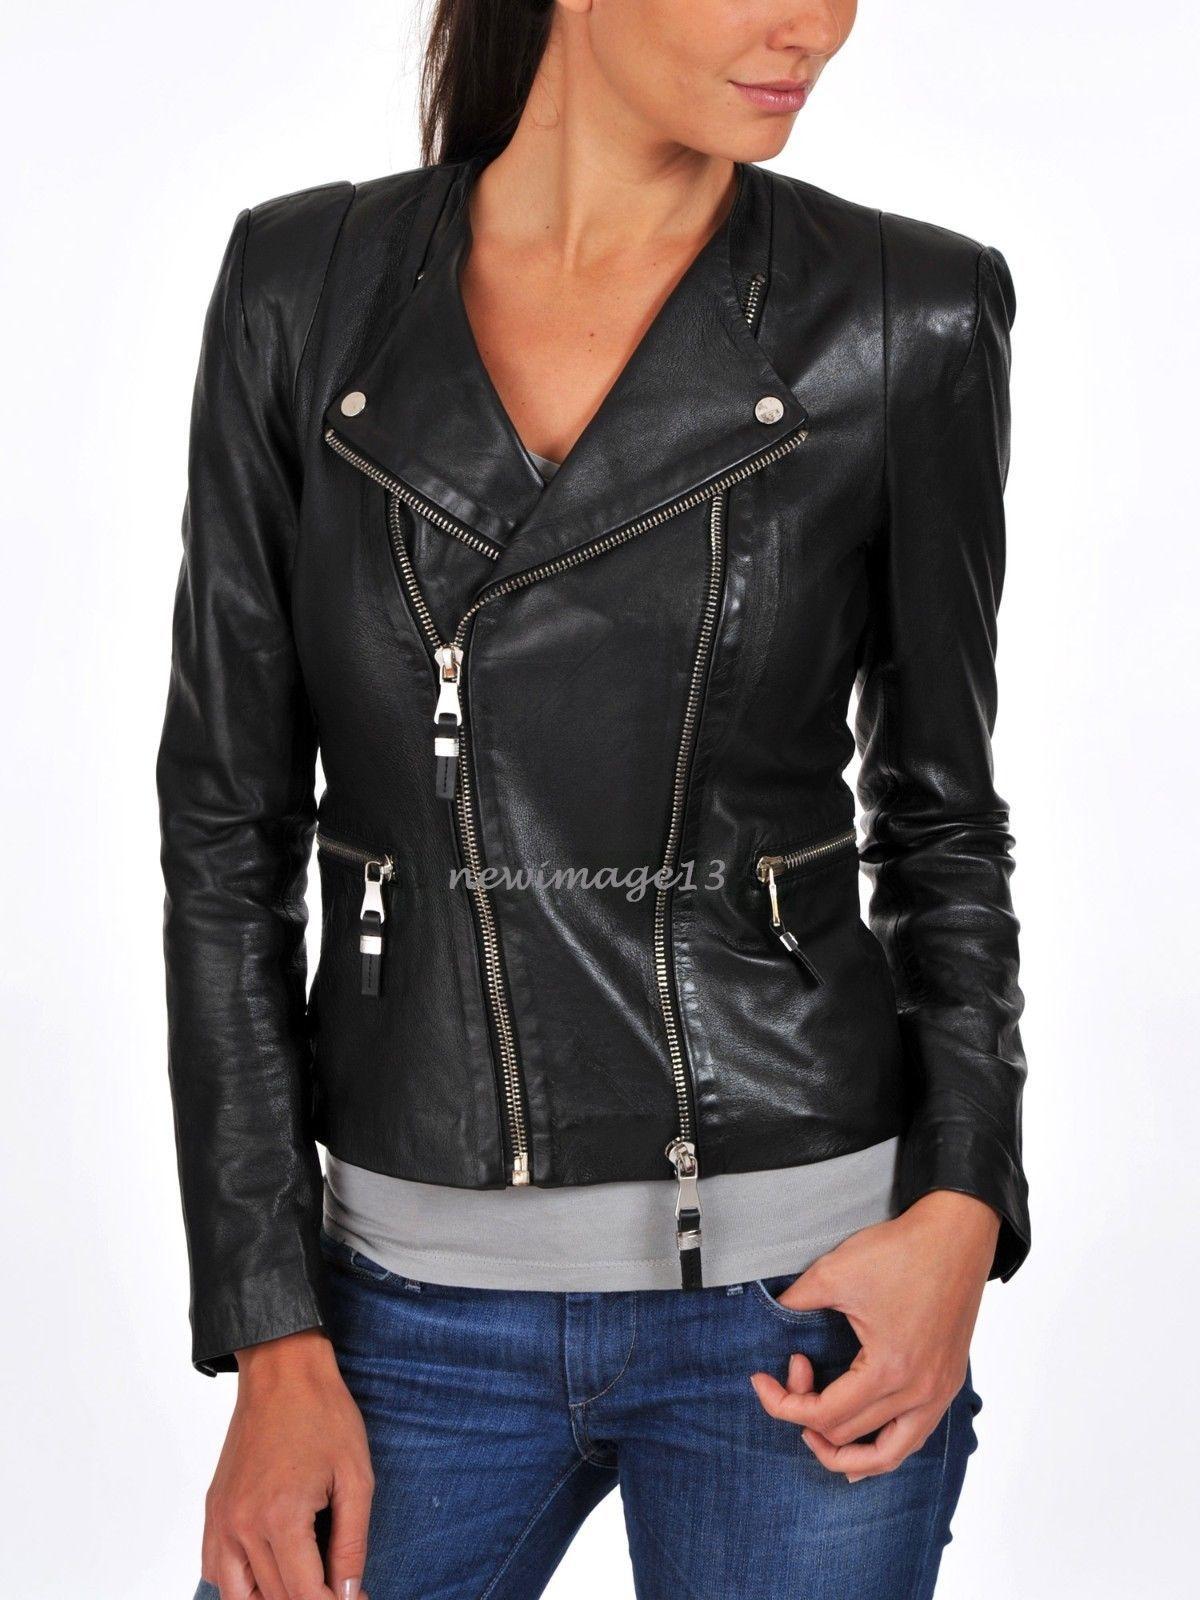 ef93654a647 100% Genuine Women'S Soft Lambskin F/C Leather Bomber Biker Jacket # Wj307